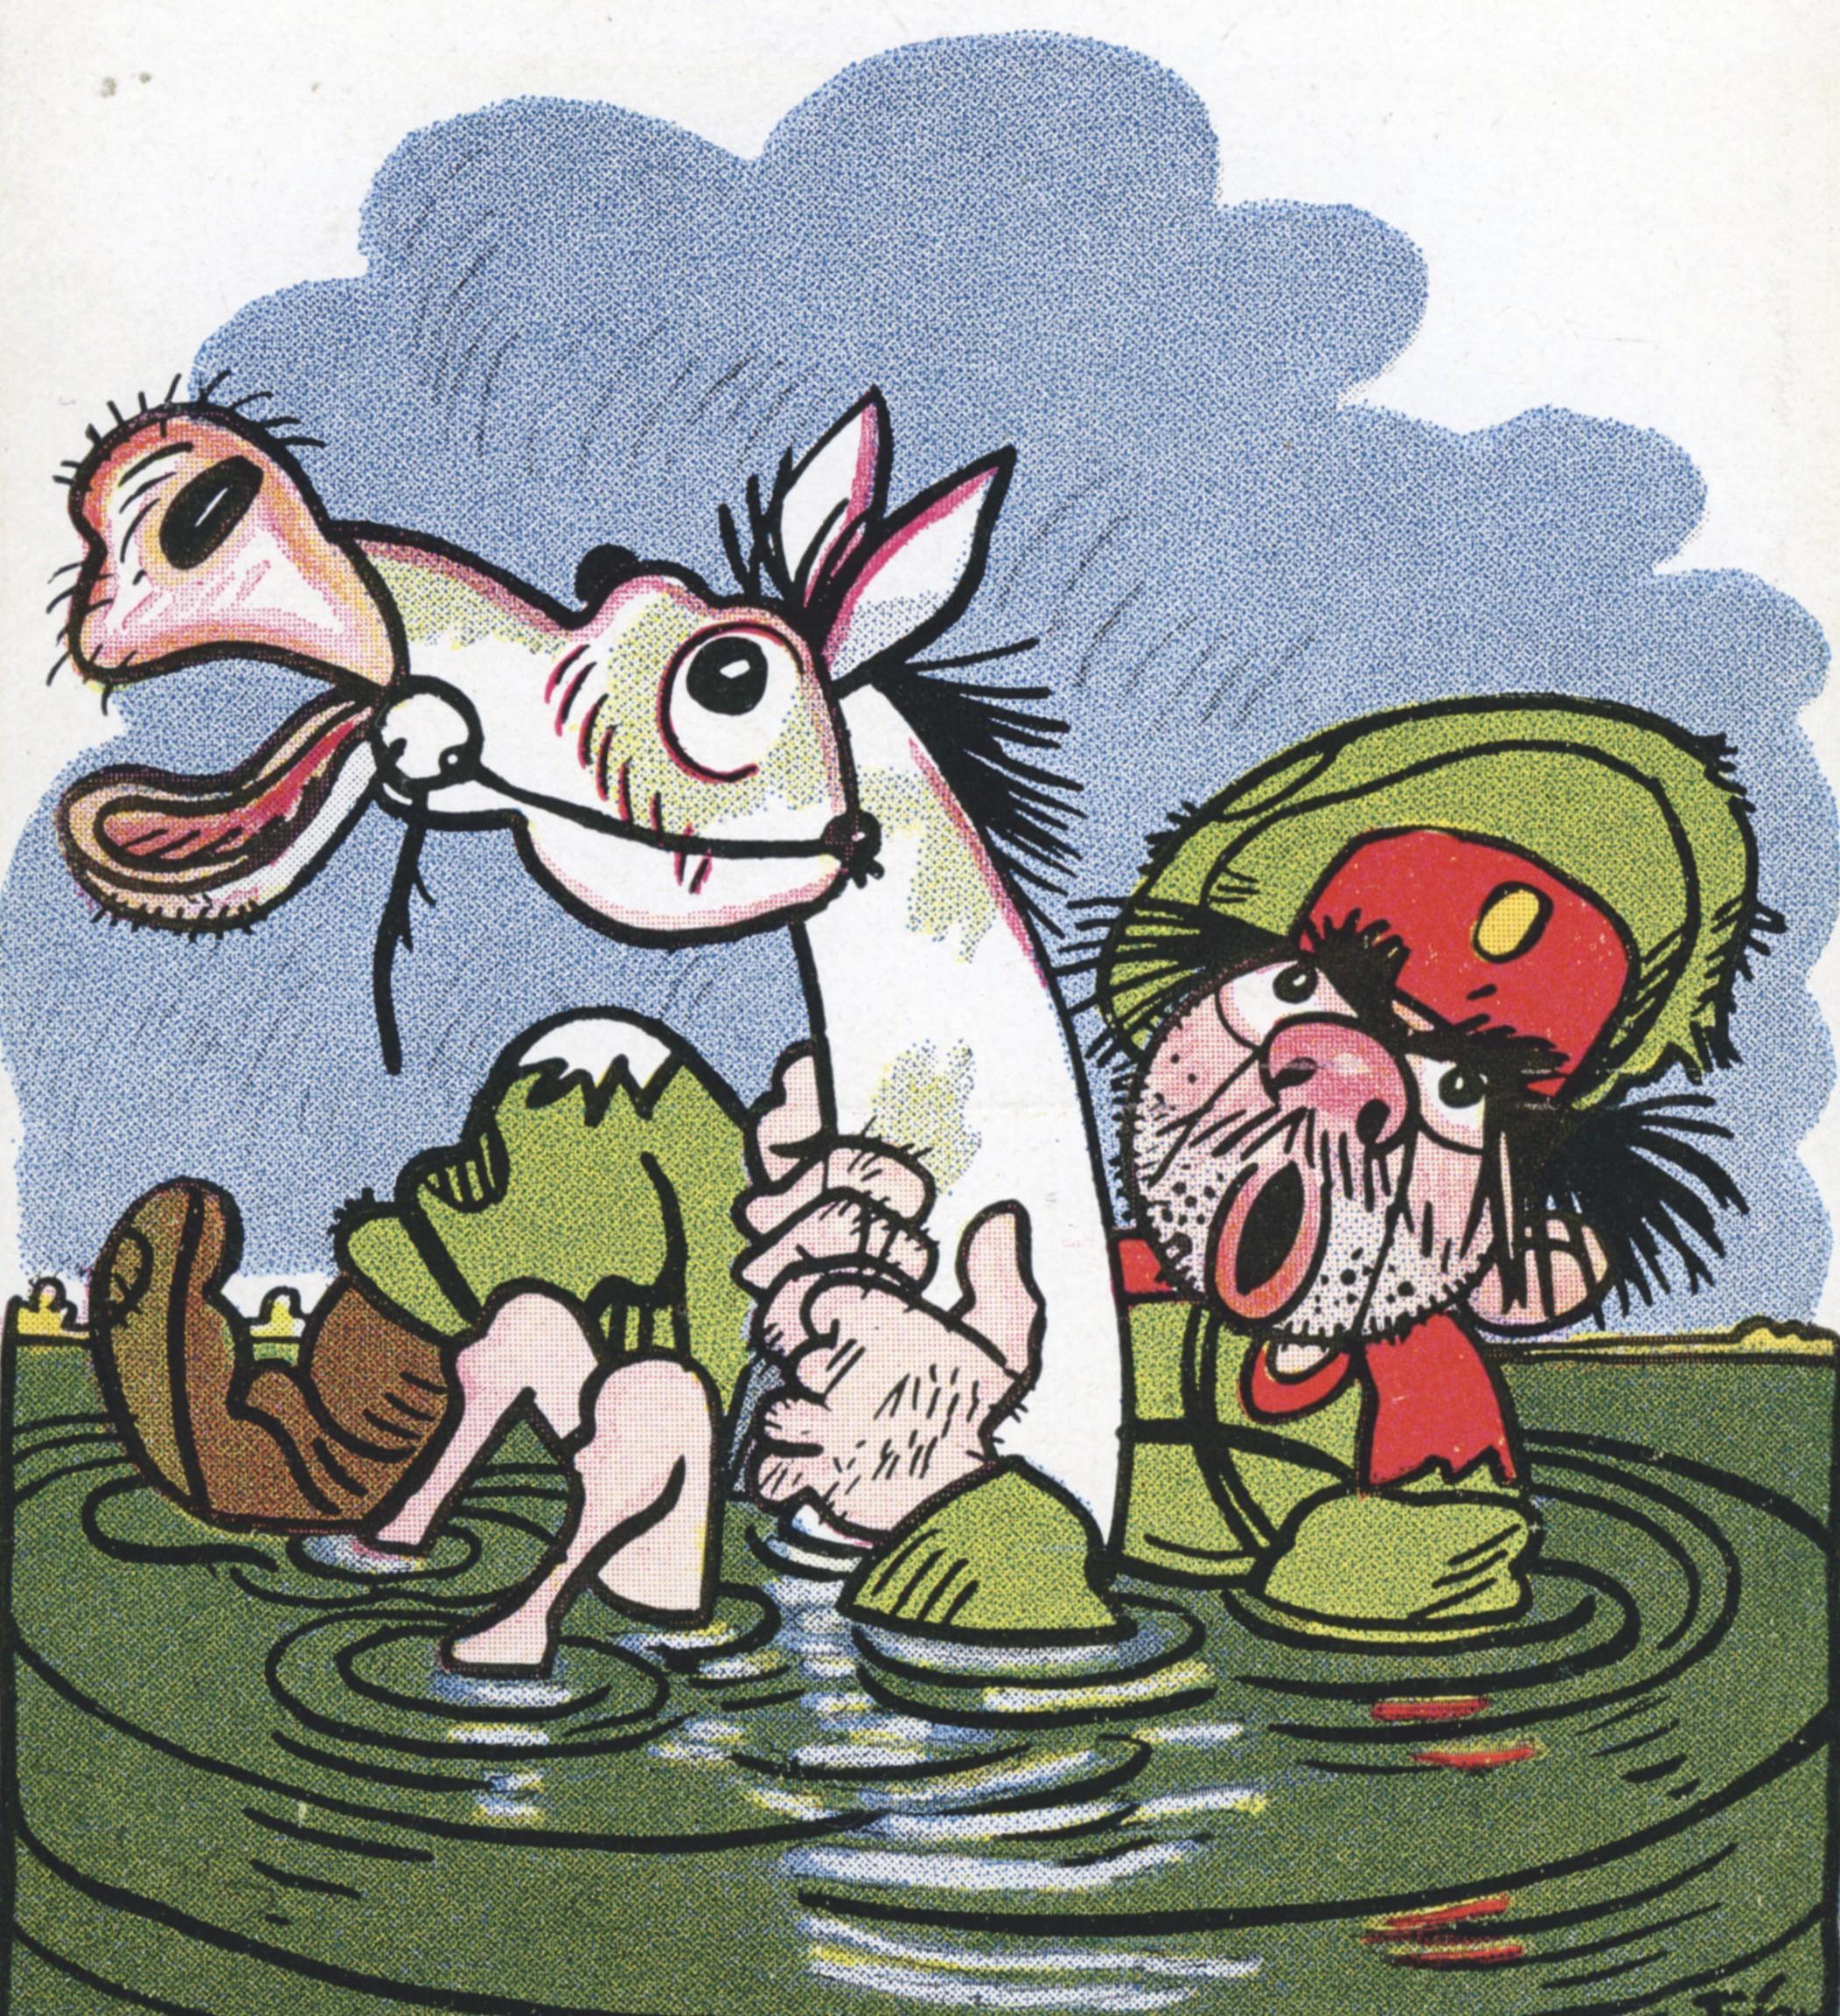 Soldat russe se noyant, carte postale allemande